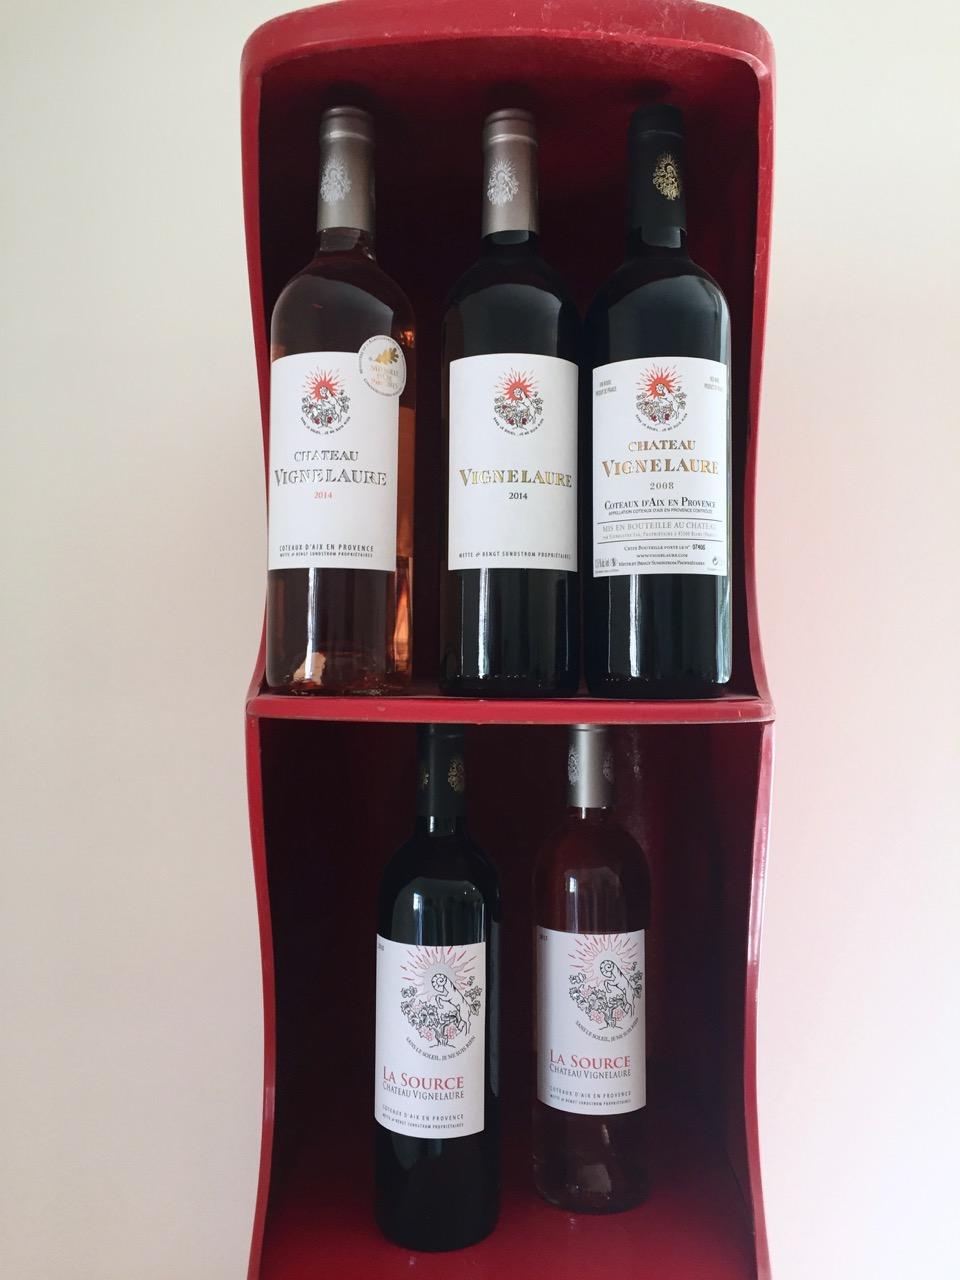 chateau vignelaure wine selection provence tour